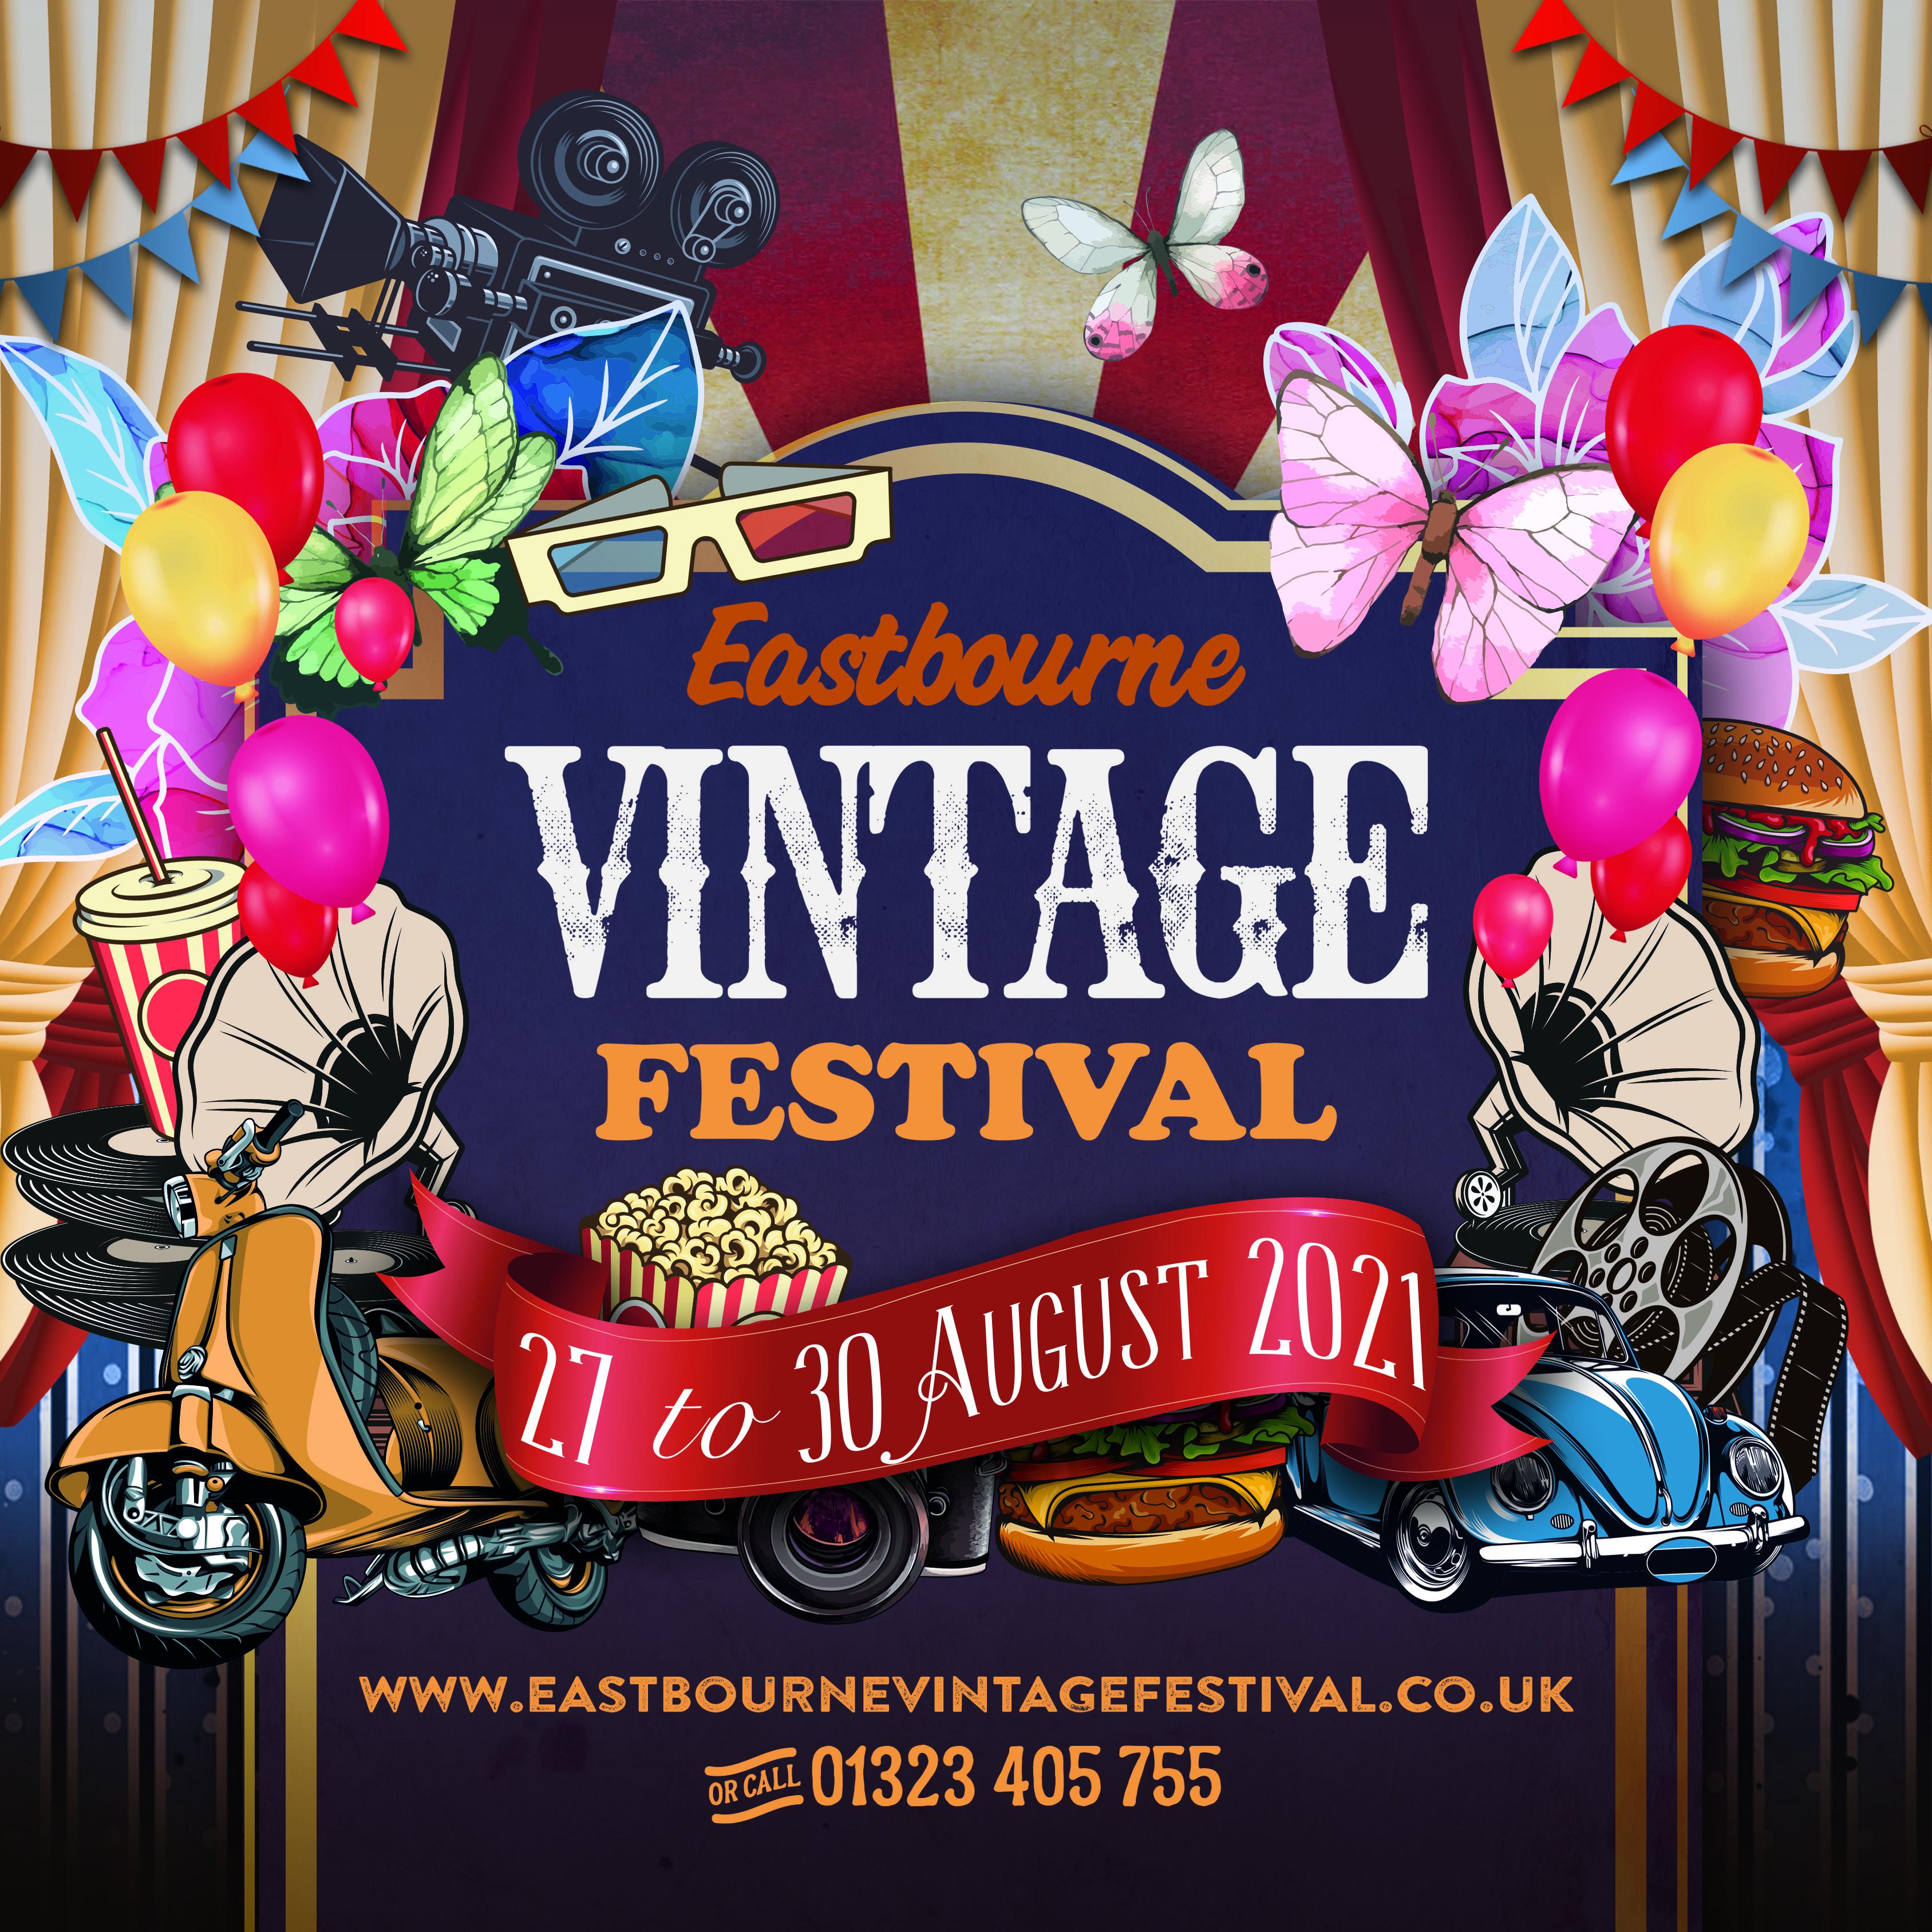 Vintage Festival Gildredge Park Eastbourne 2021 sponsored by Lightning Fibre